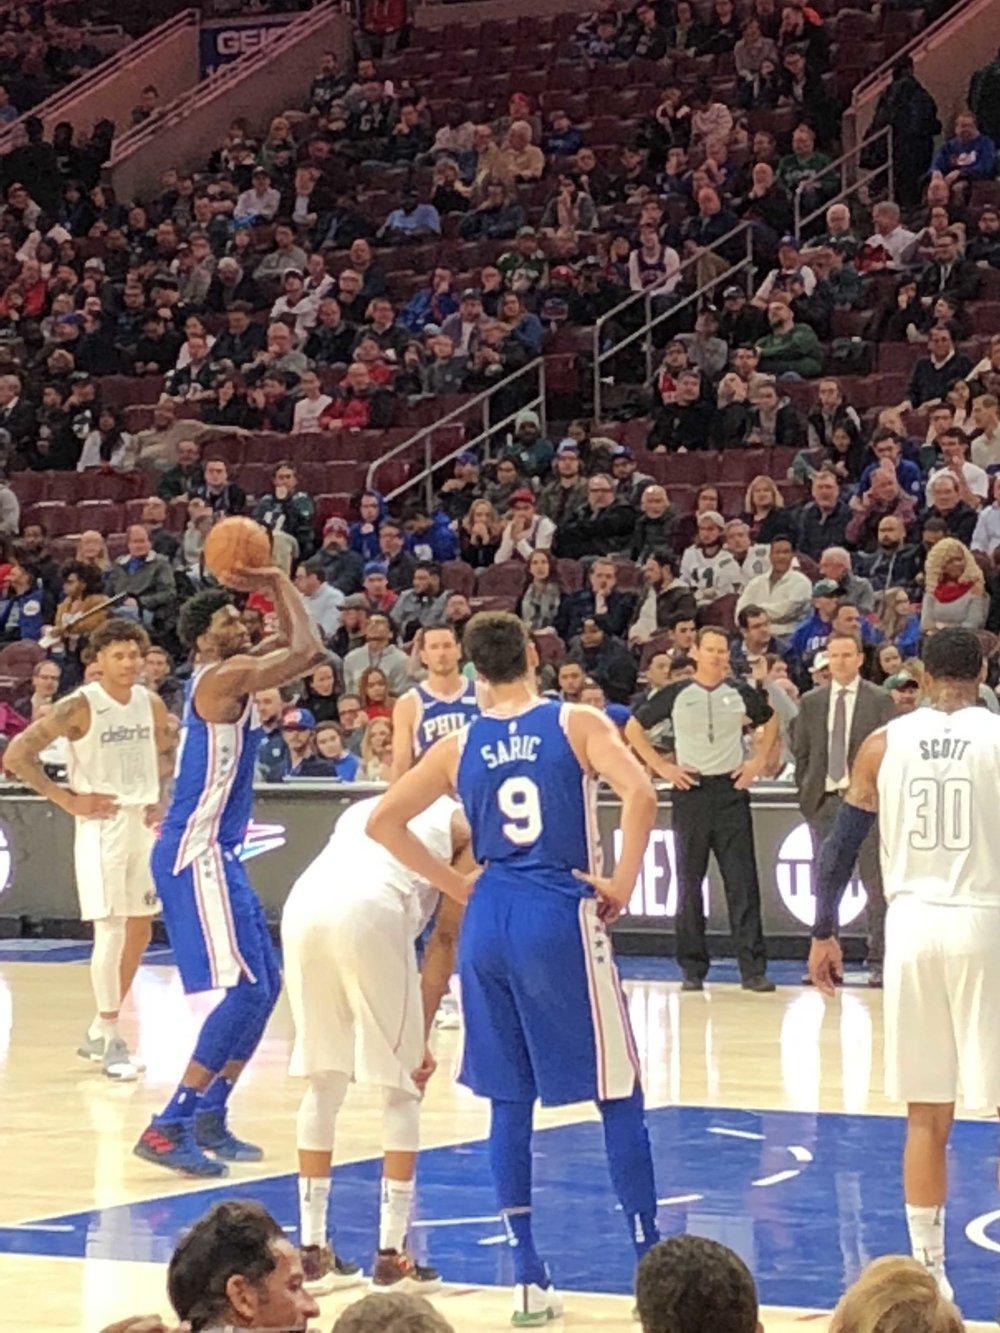 Joel Embiid - Philadelphia 76ers